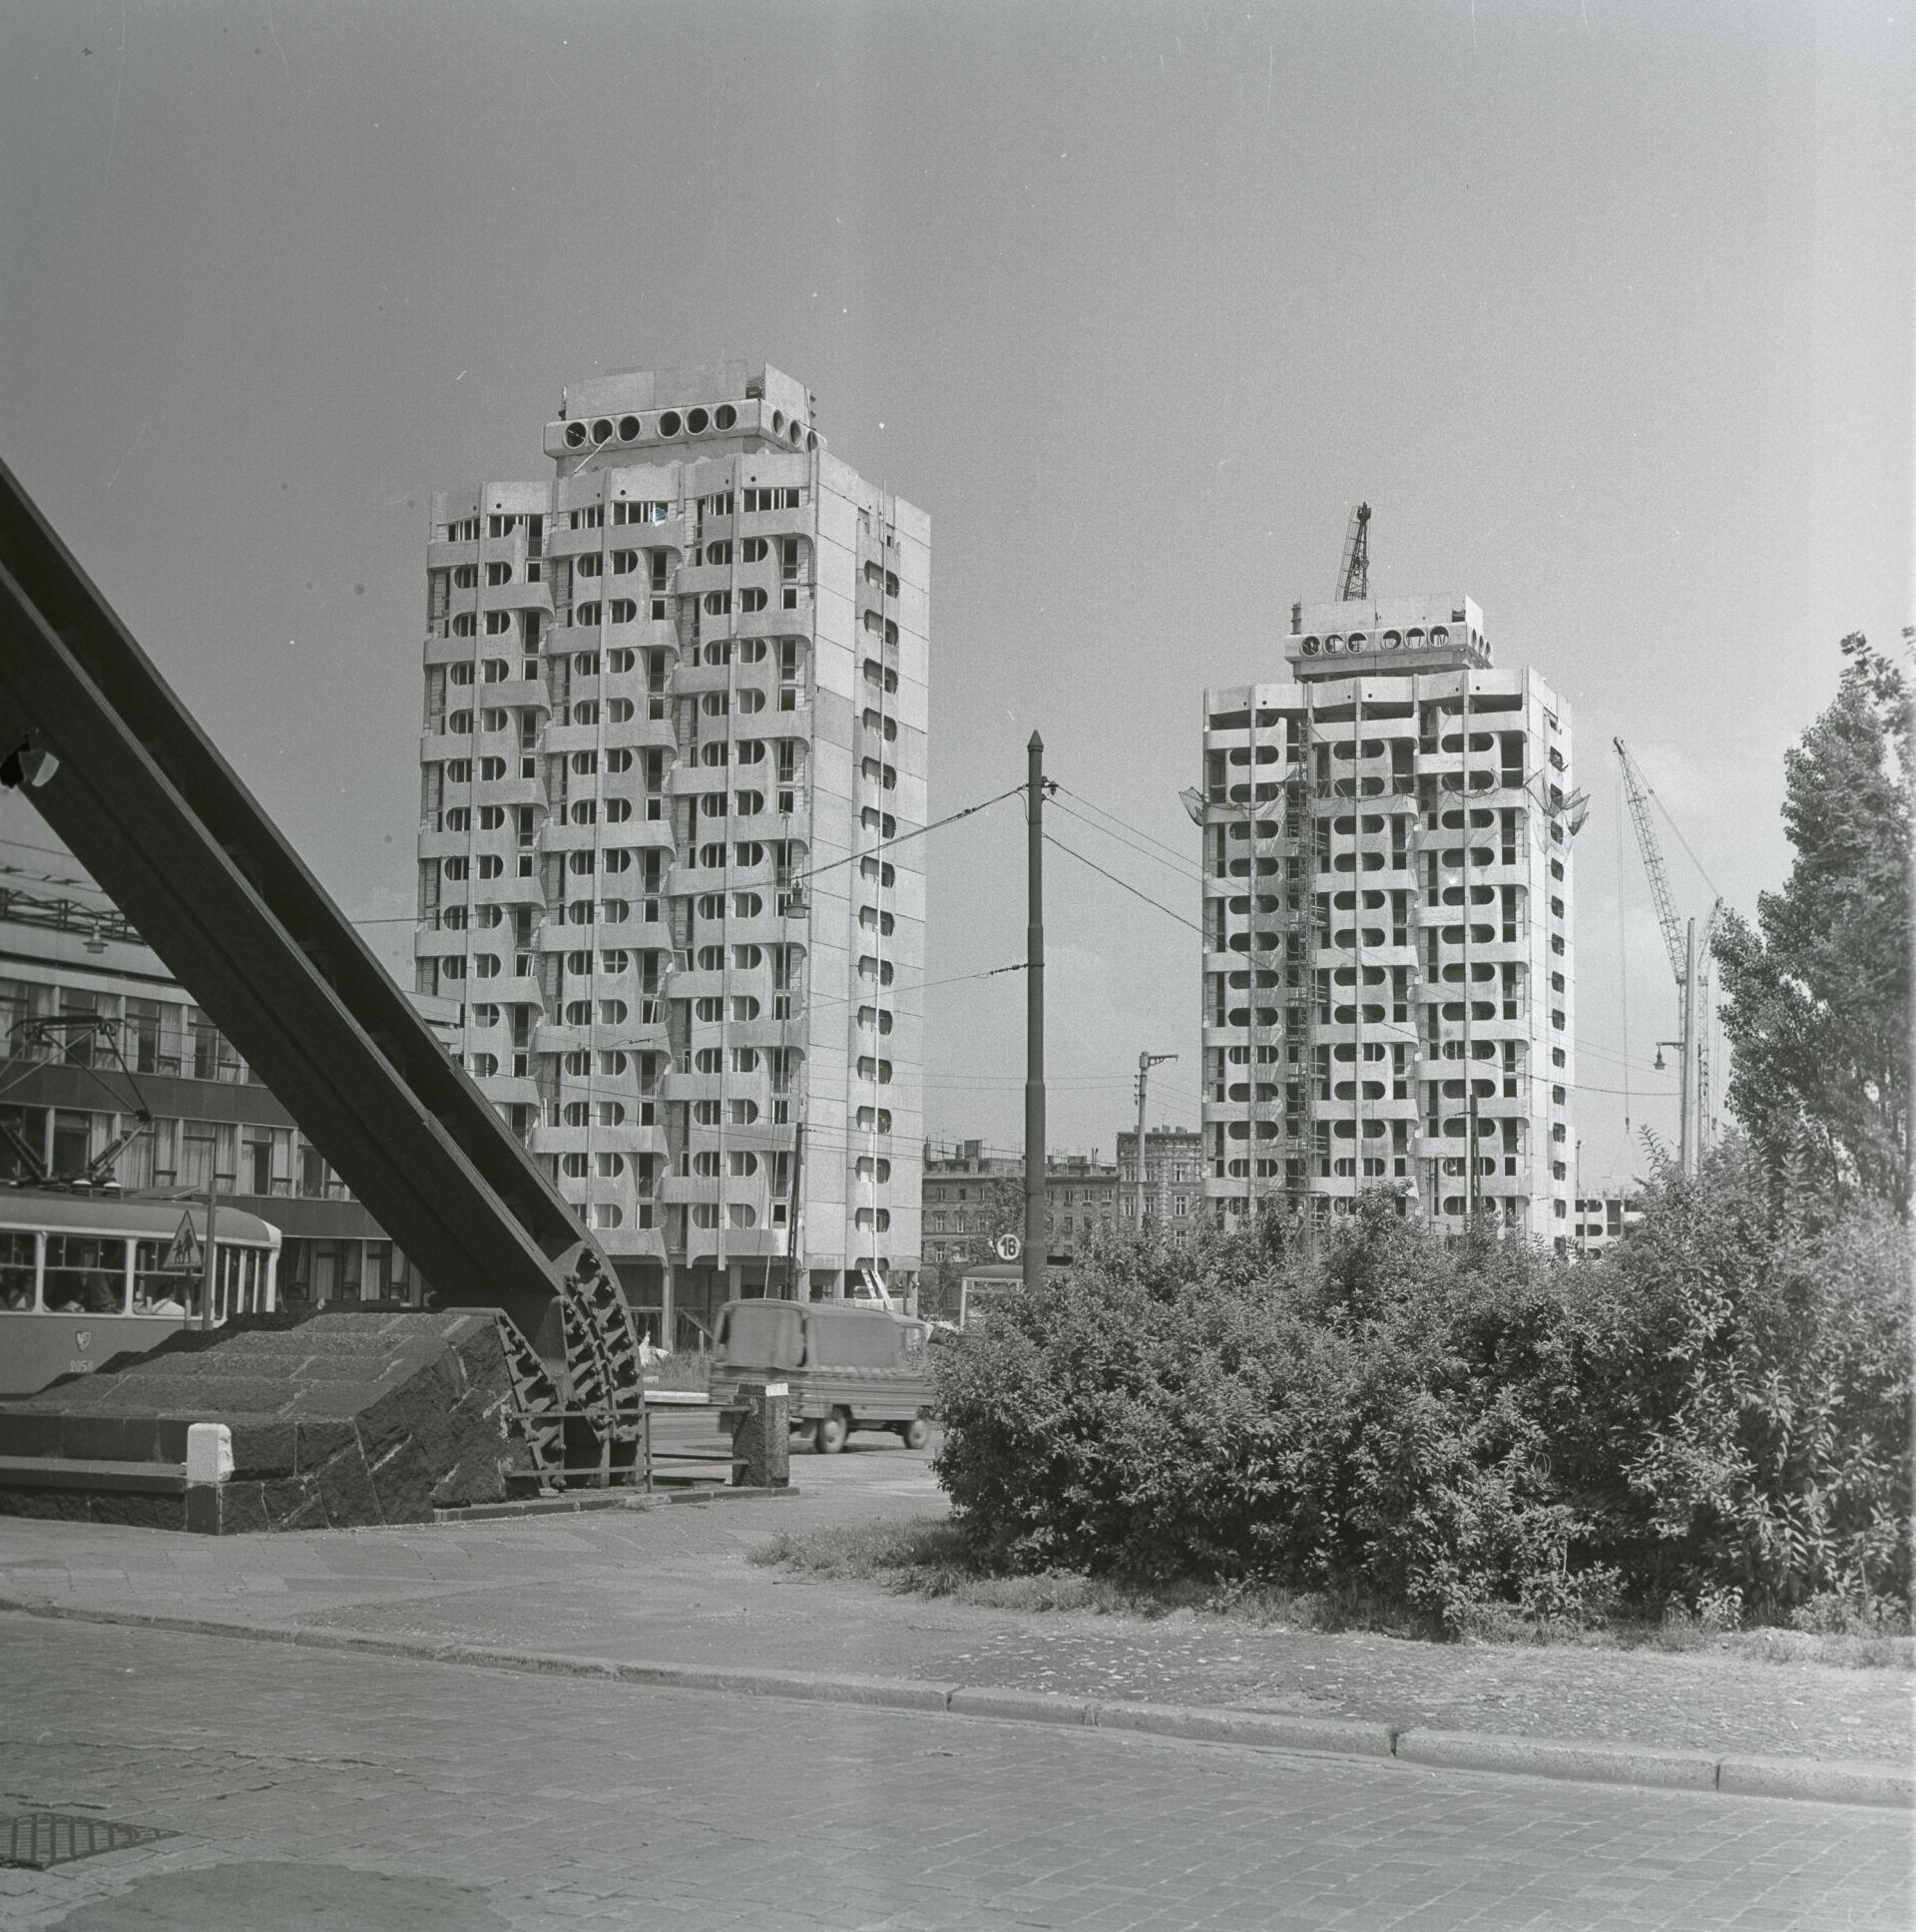 Budowa zespołu mieszkaniowego, plac Grunwaldzki, 1969-75 (projekt 1963–1969), fot. Zbigniew Nowak, 1972, zbiory: Ośrodek Pamięć i Przyszłość (źródło: materiały prasowe organizatora)